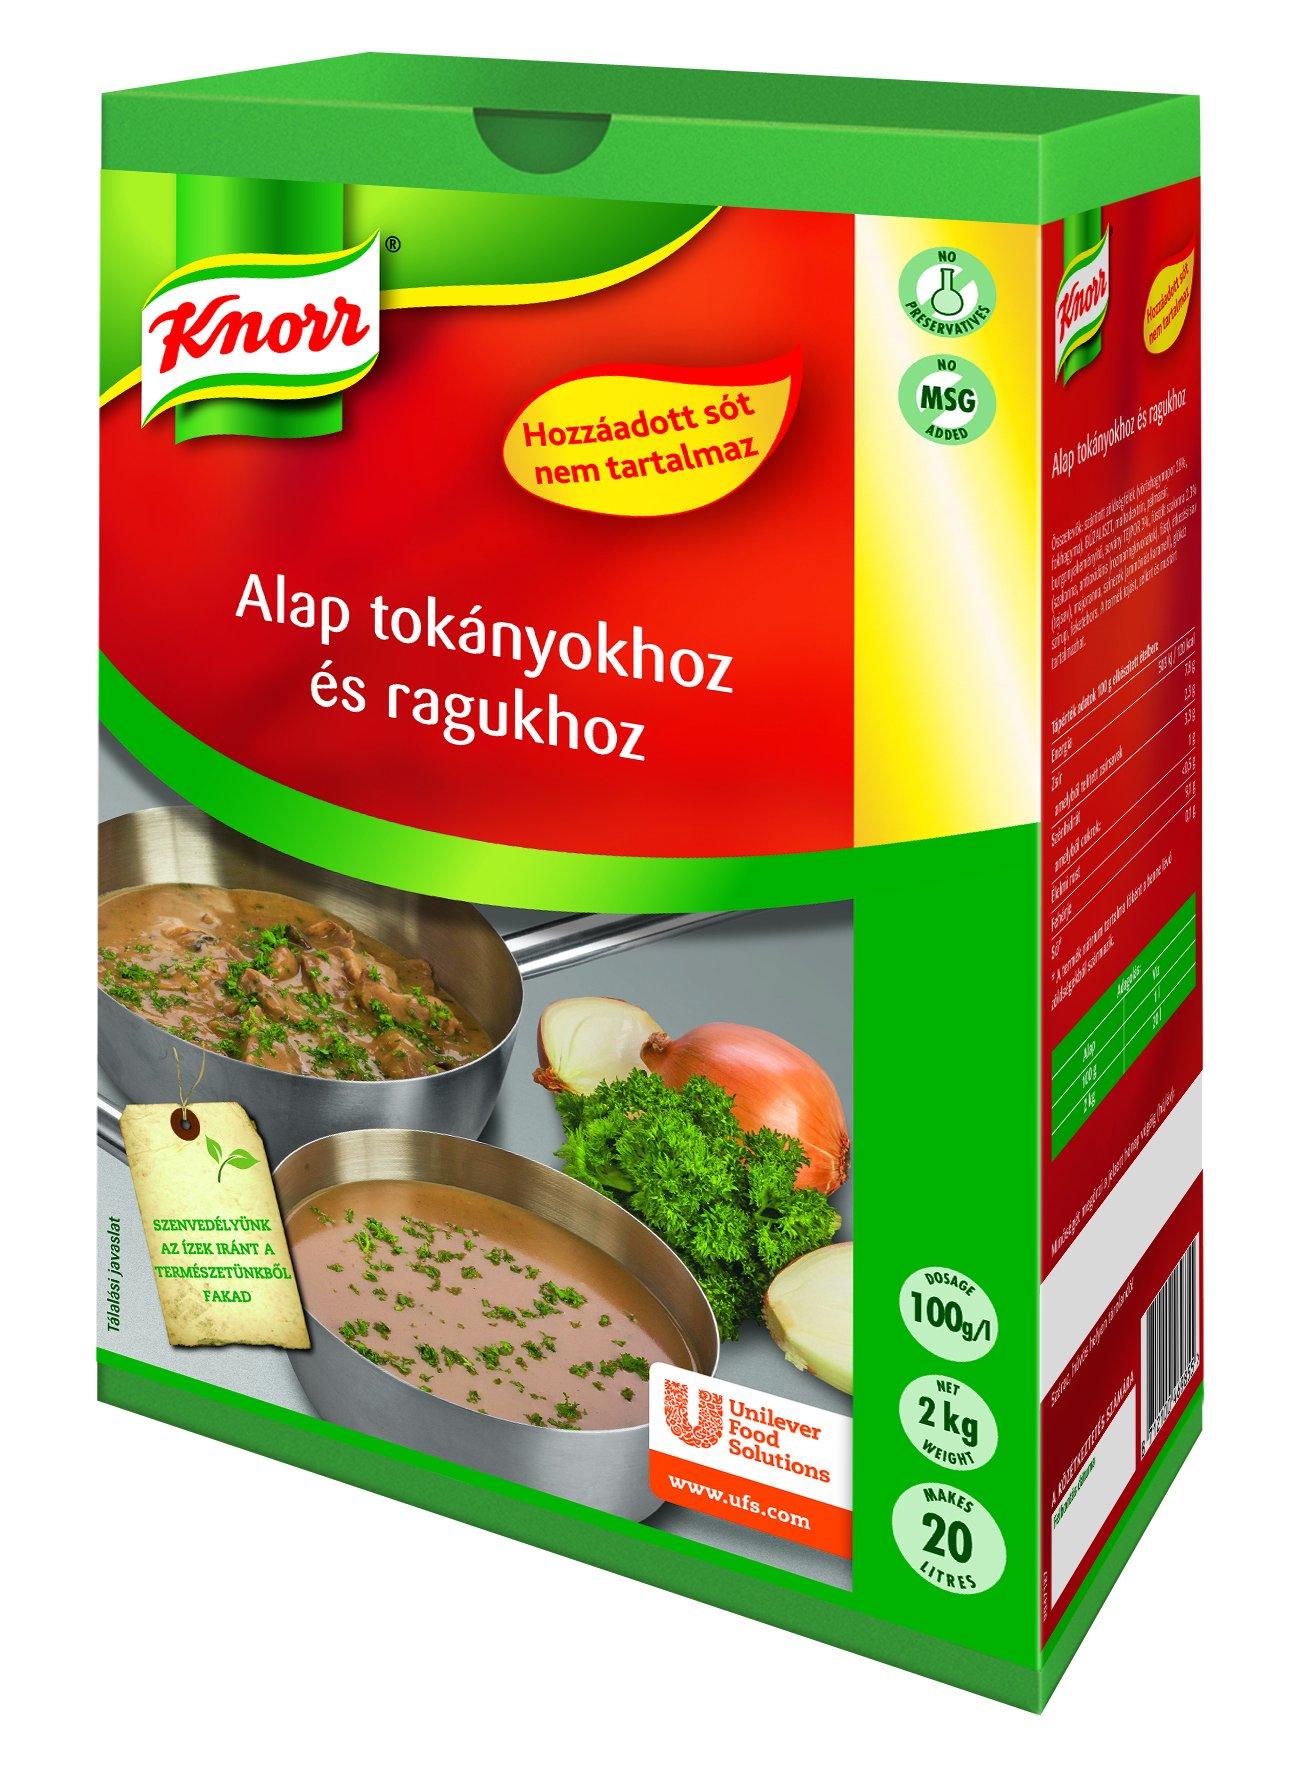 KNORR Alap tokányokhoz és ragukhoz - Hozzáadott só nélkül 2 kg -